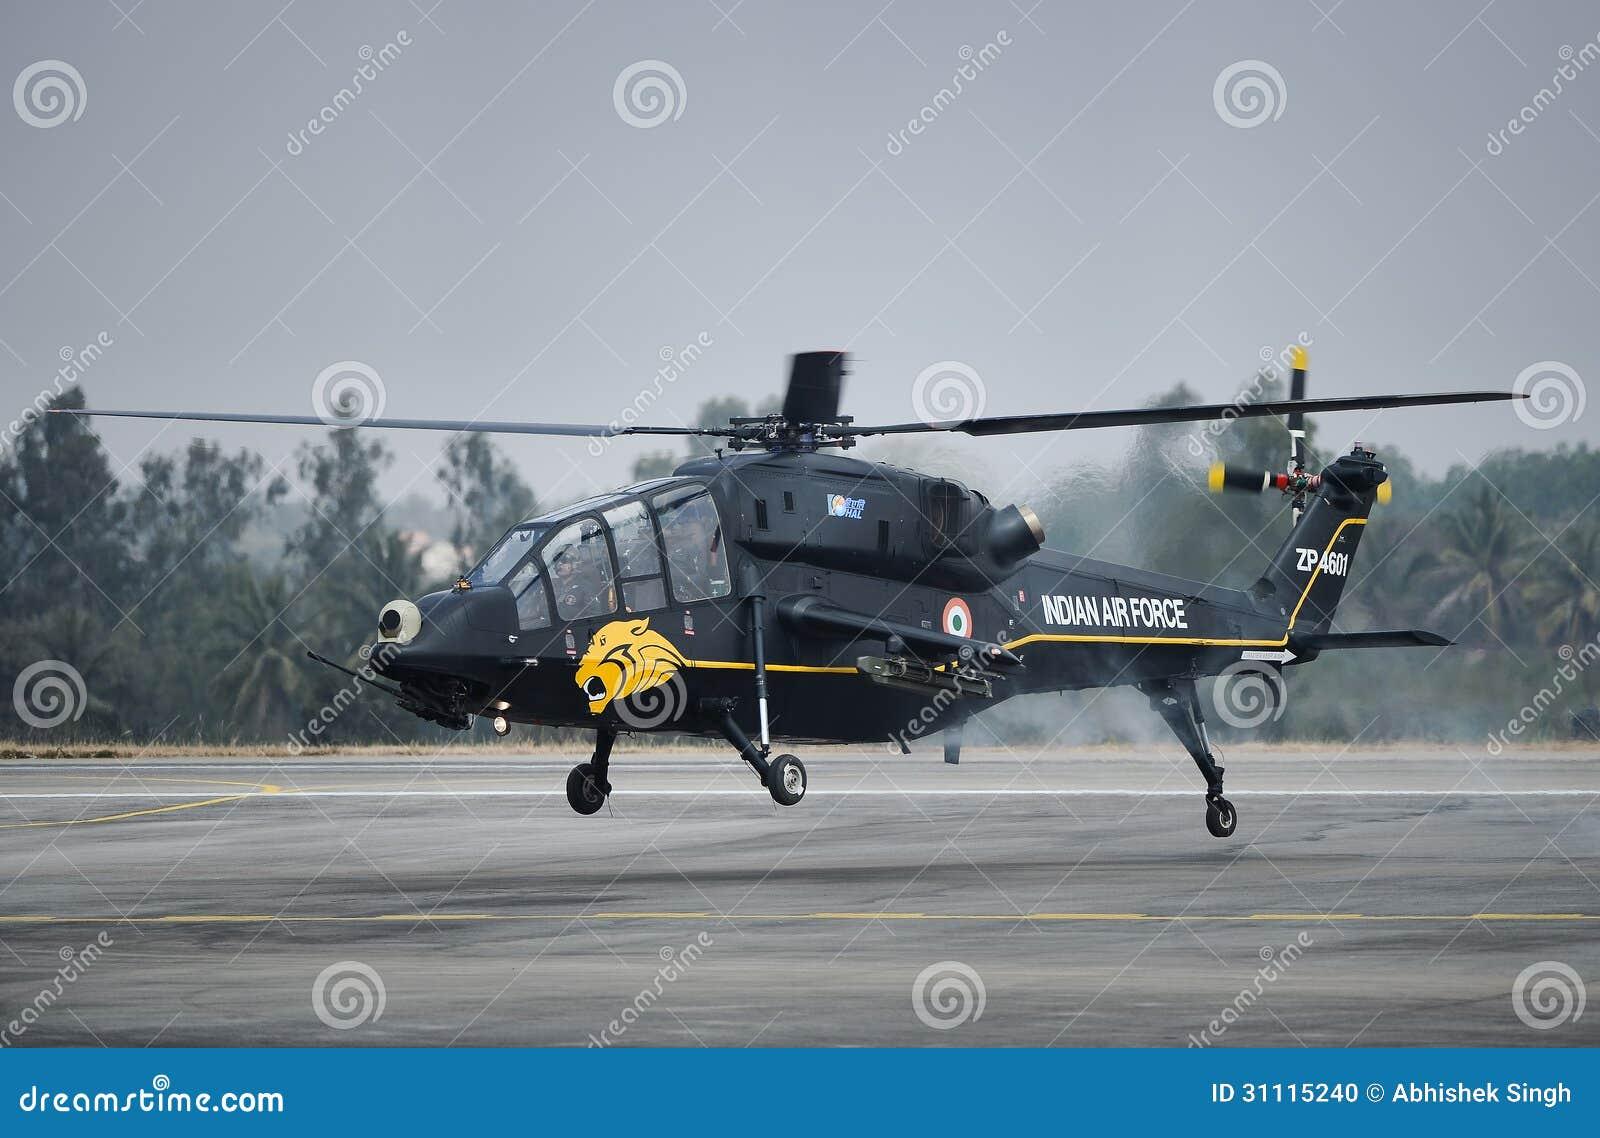 Elicottero Leggero : Elicottero da combattimento indiano della luce dell